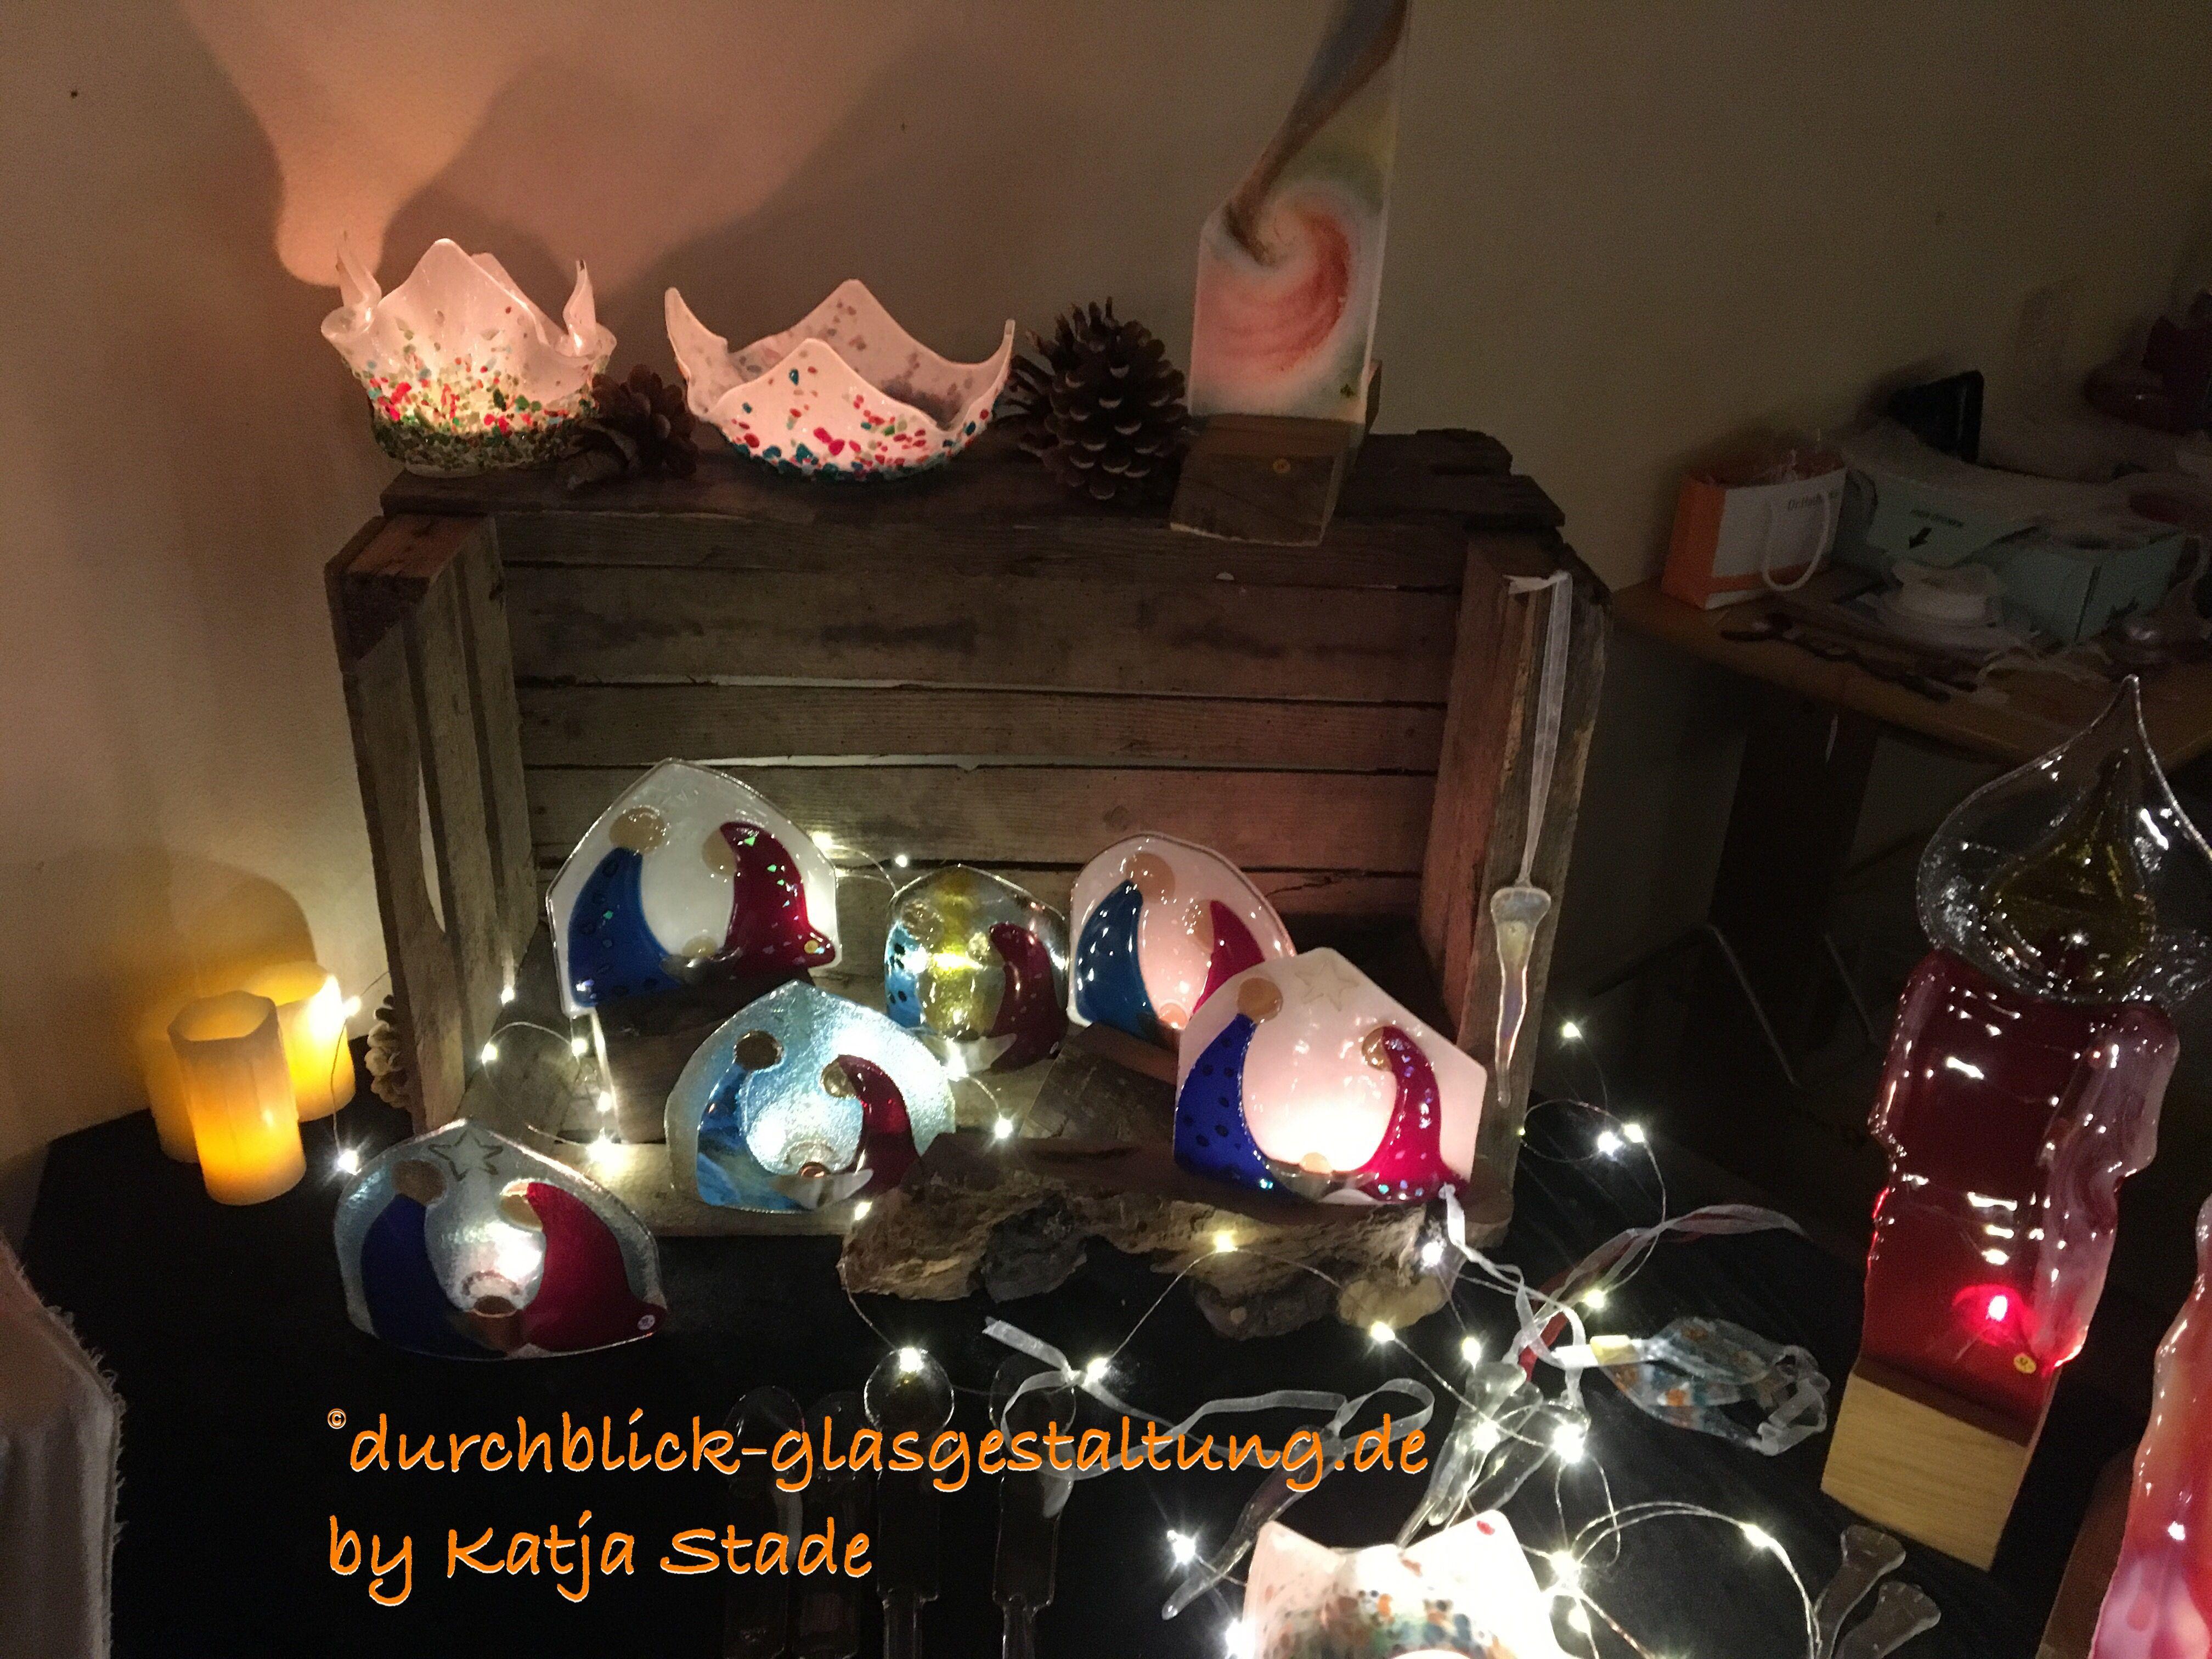 Stimmungsvolle Dekoration für die Advents- und Weihnachtszeit! Mit ...